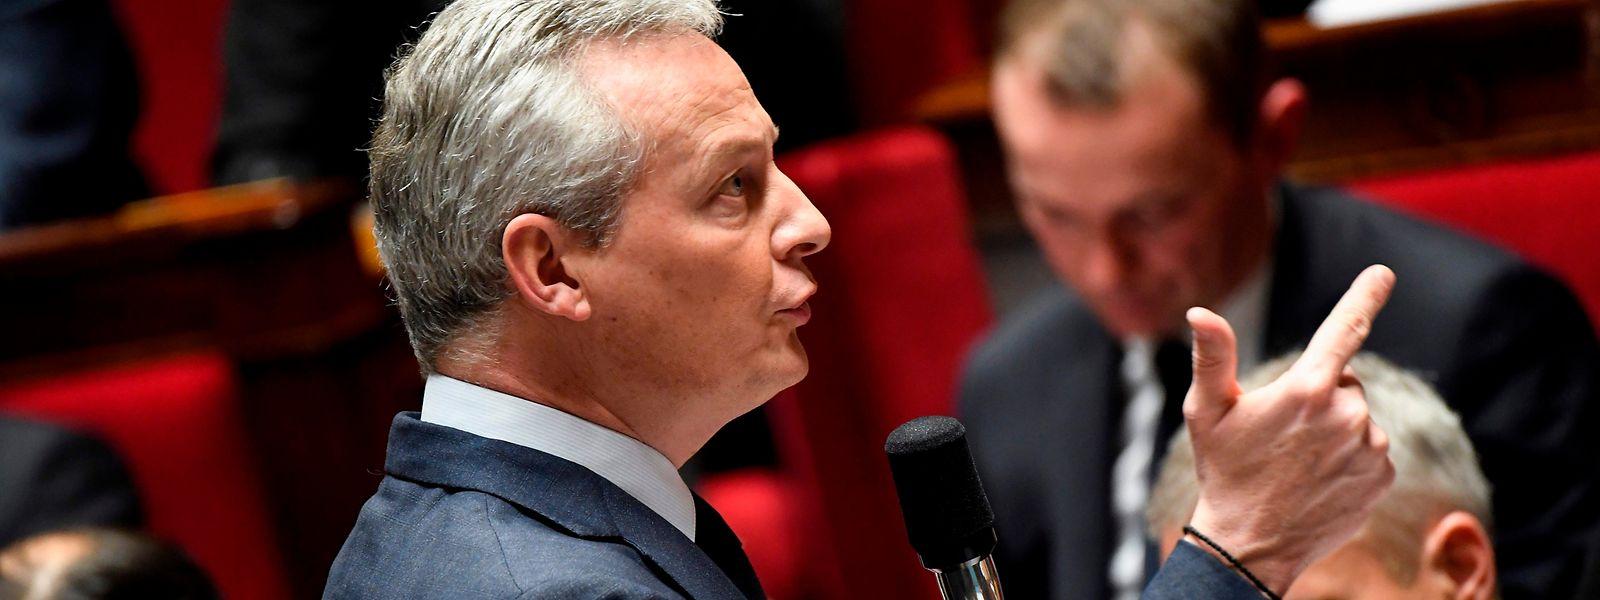 En faisant machine arrière, le ministre des Finances français va calmer une grogne qui ne cessait de monter côté français et luxembourgeois.